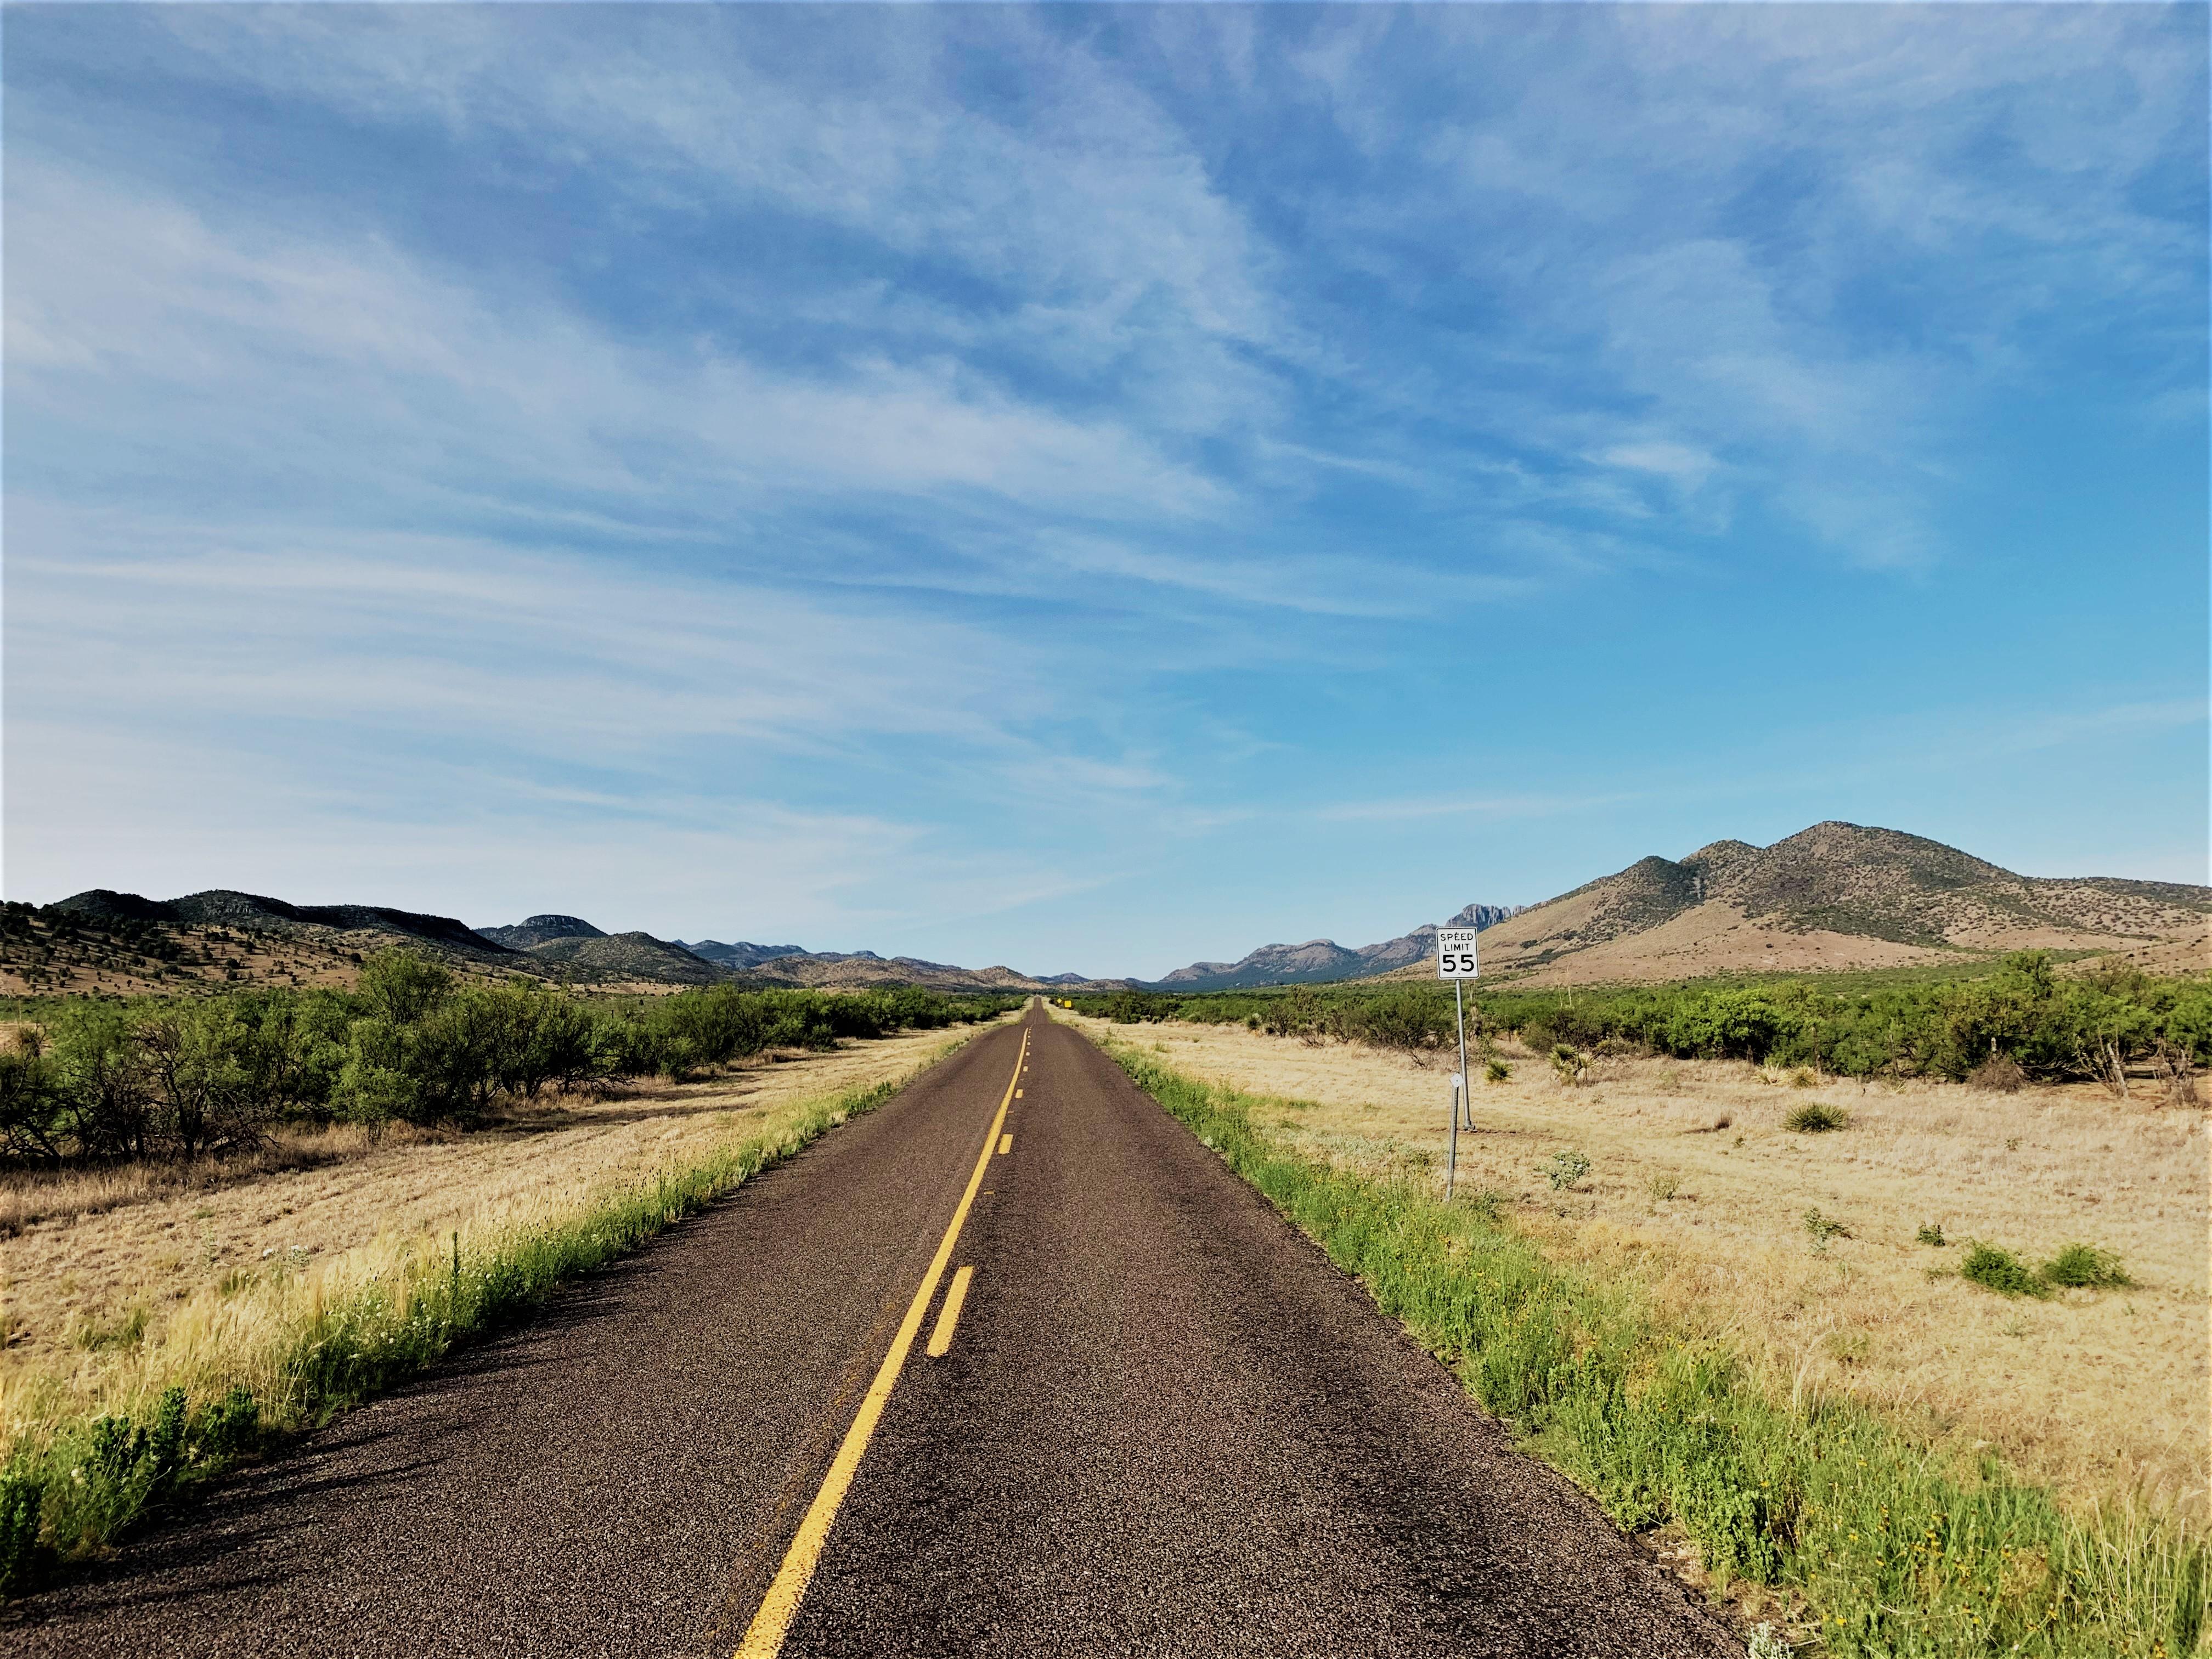 Fort Davis Highway